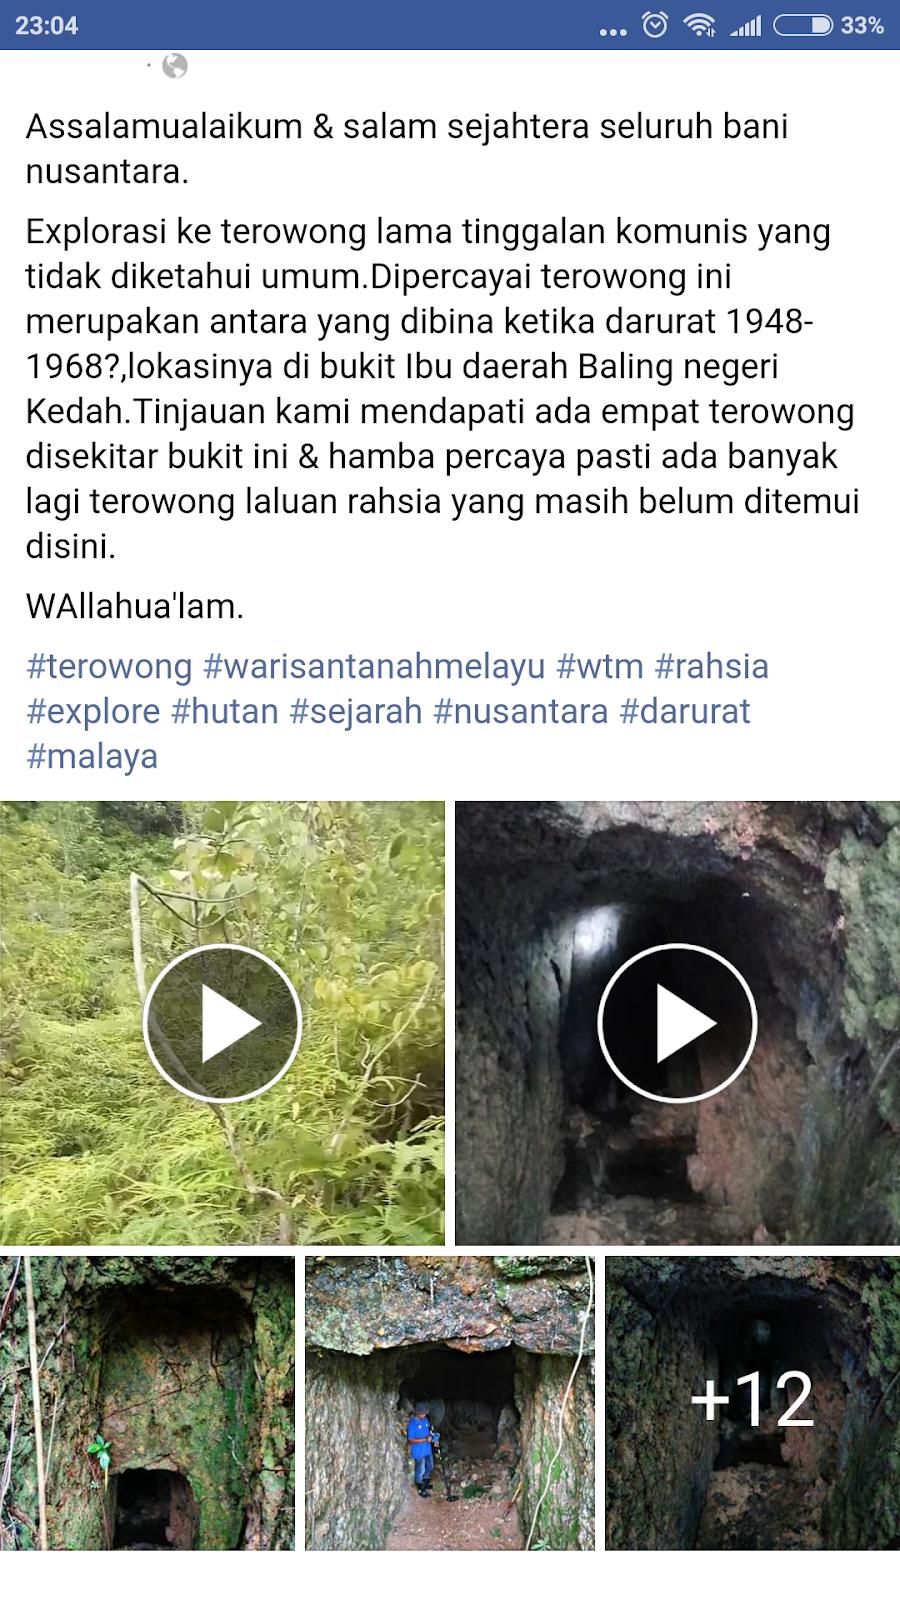 Misteri Penemuan Beberapa Terowong Dipercayai Tinggalan Komunis Di Kopi Bos By Ila Arifin Amr Assalamualaikum Salam Sejahtera Seluruh Bani Nusantara